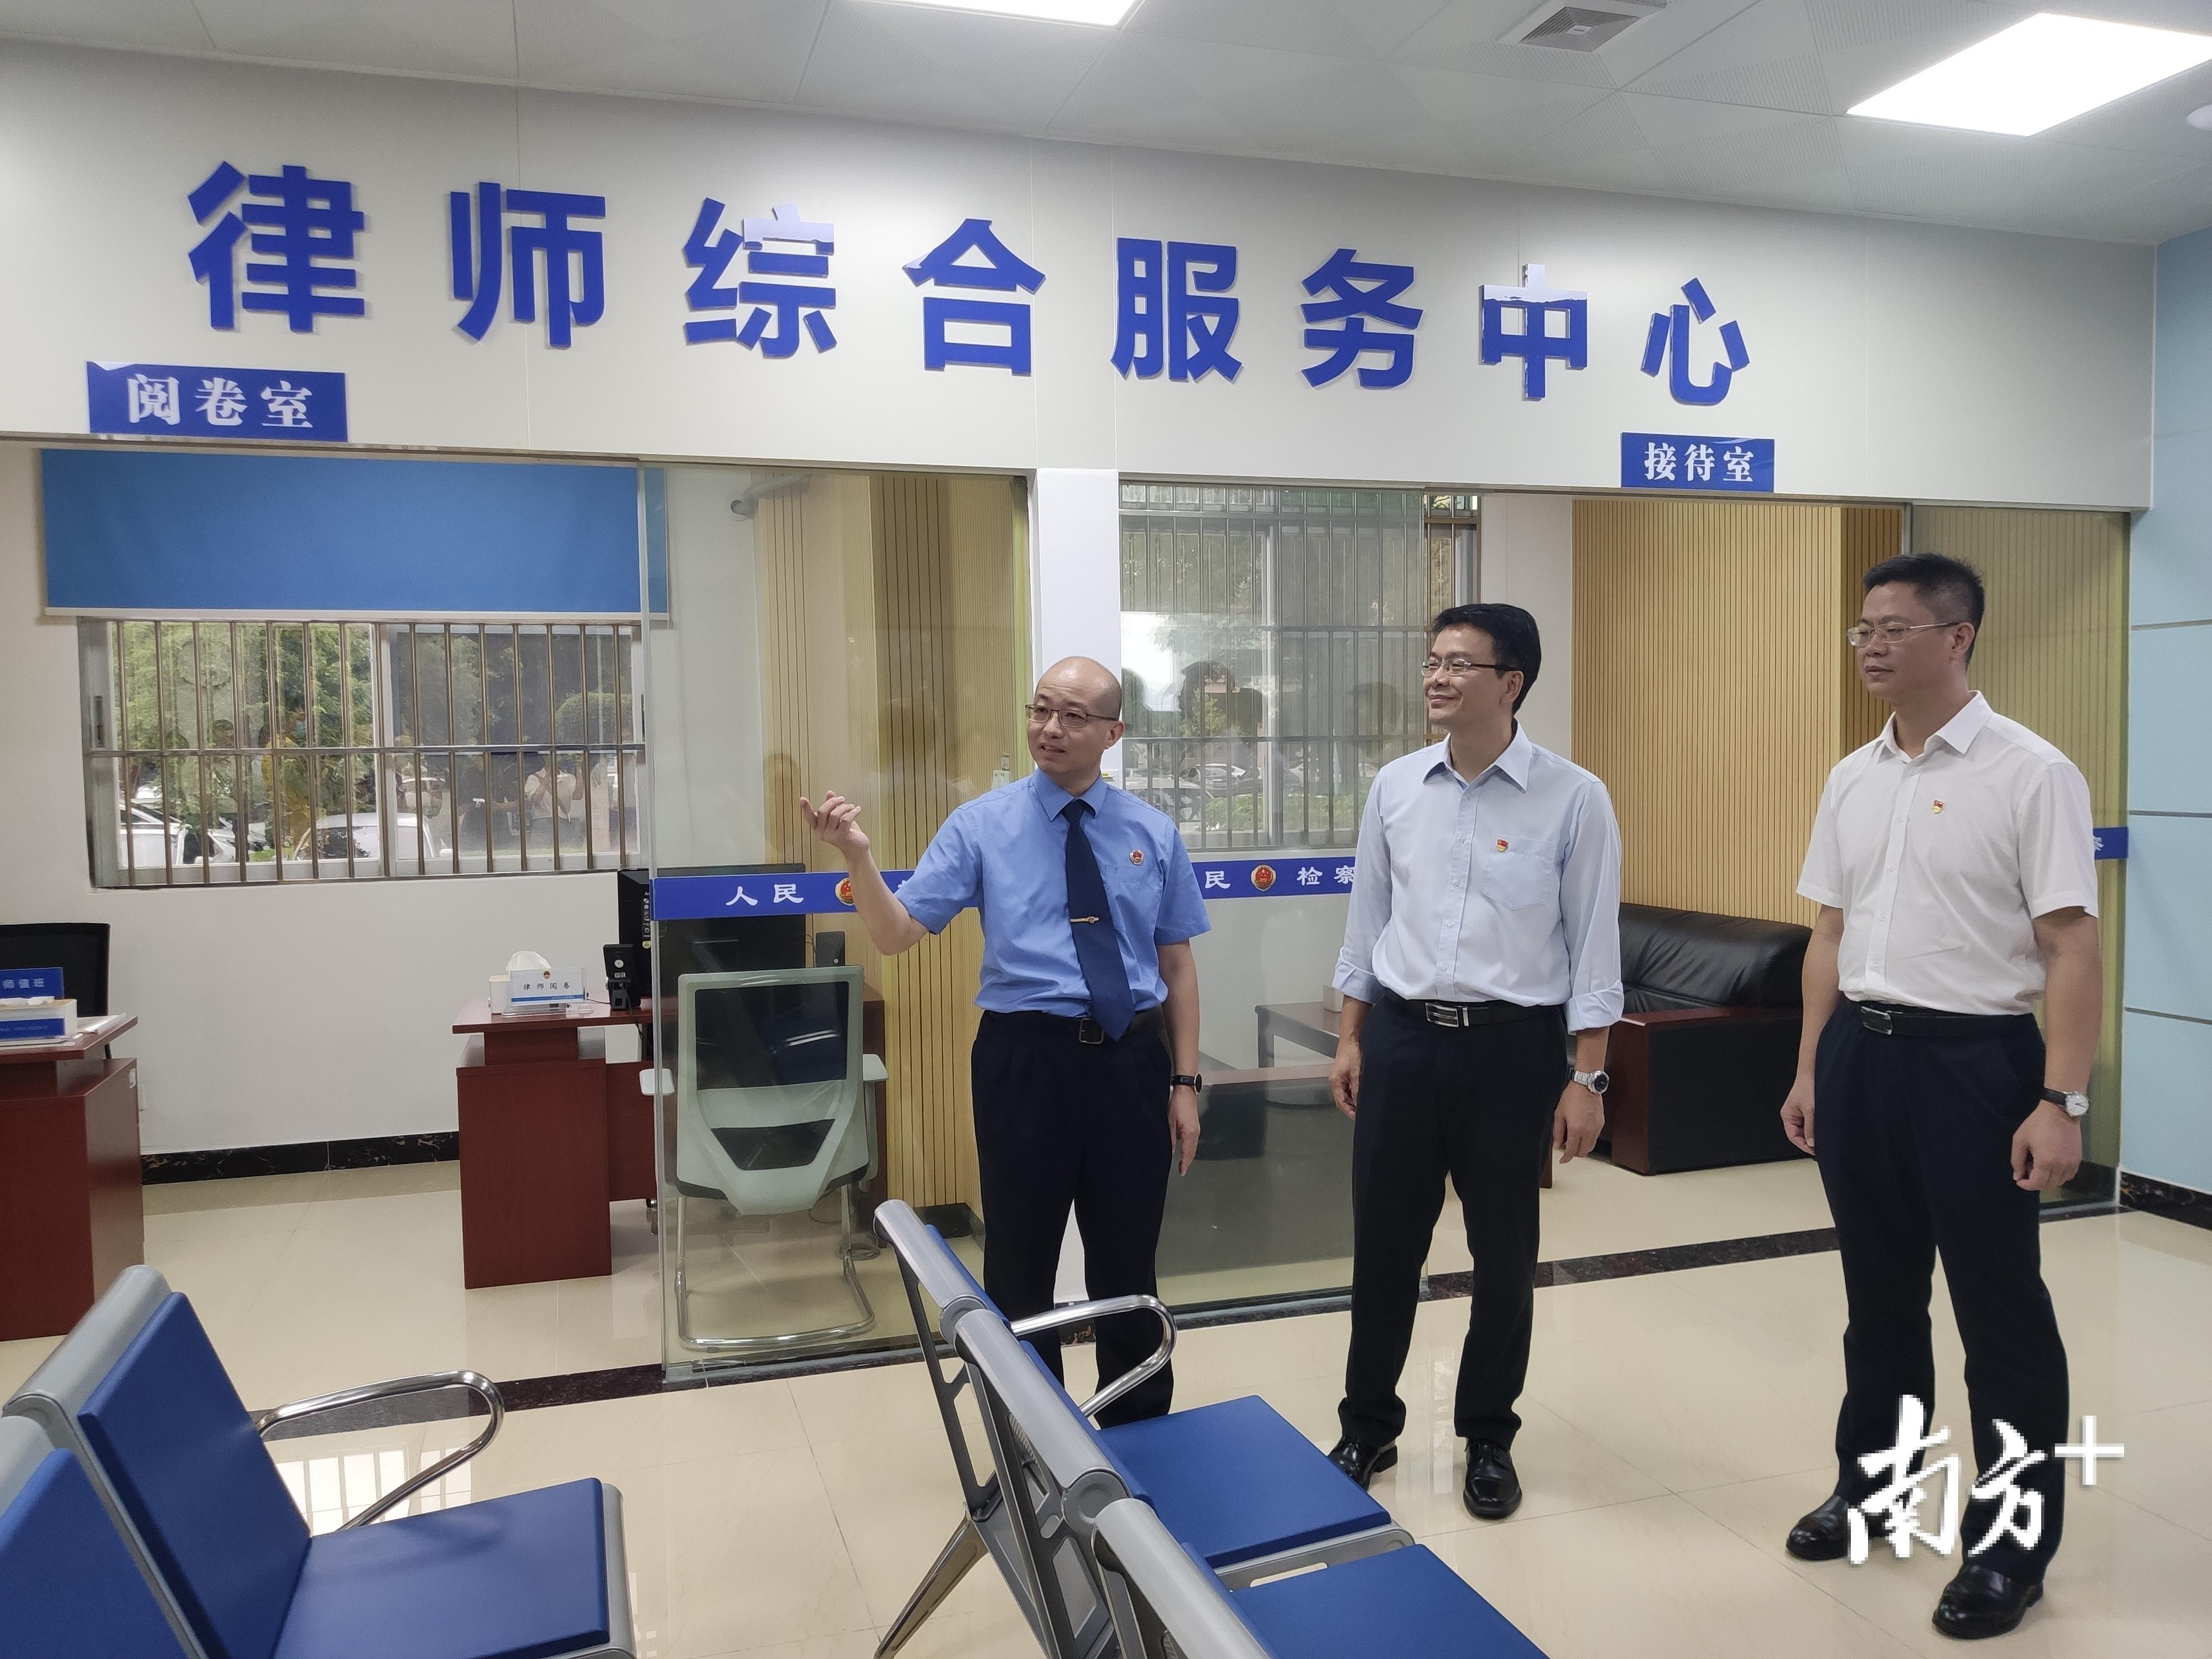 三方单位代表参观开平检察律师综合服务中心。